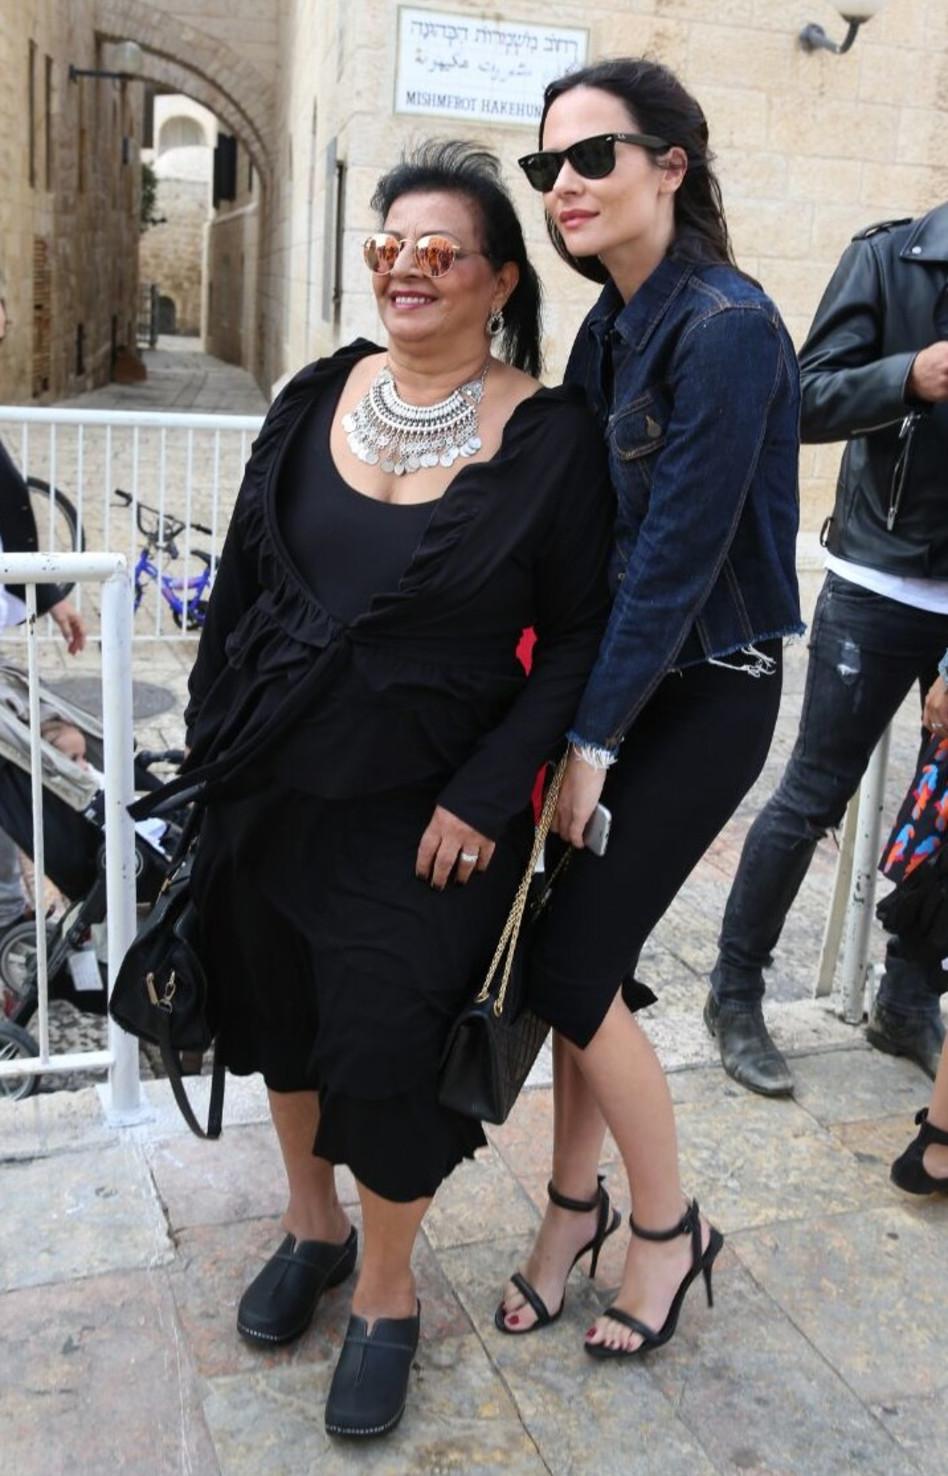 גם סבתוש מתרגשת. אמו של אייל גולן רונית עם מרינה קבישר